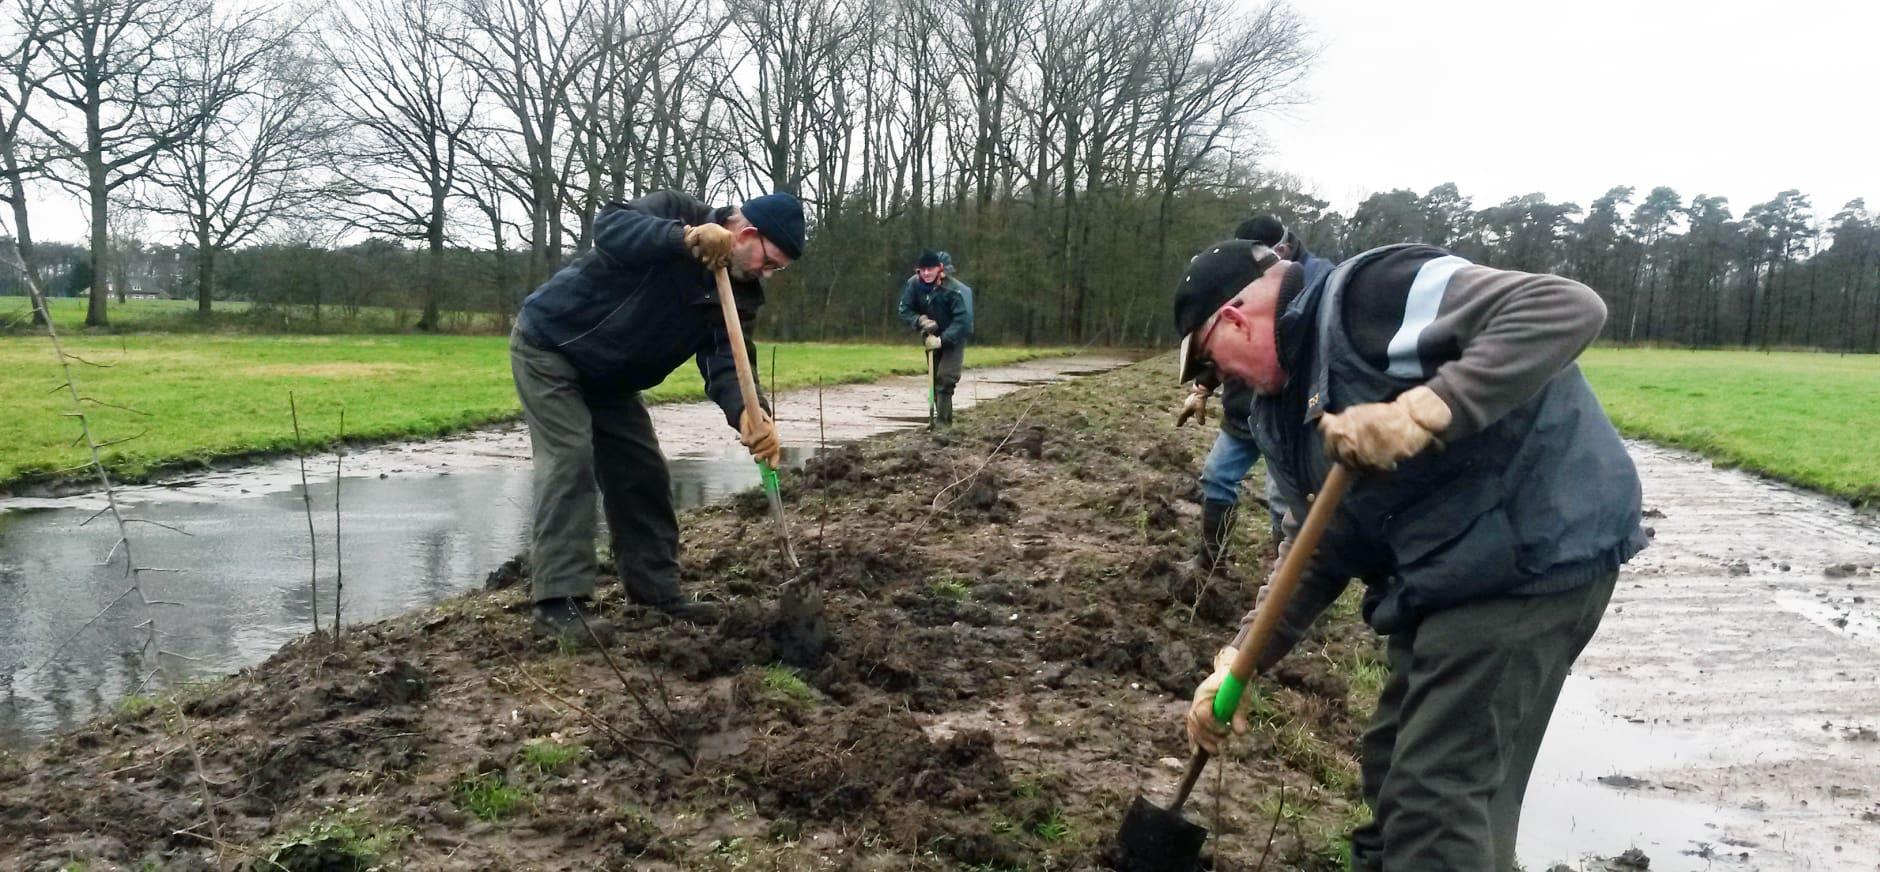 Vrijwilligers in weer en wind voor de natuur